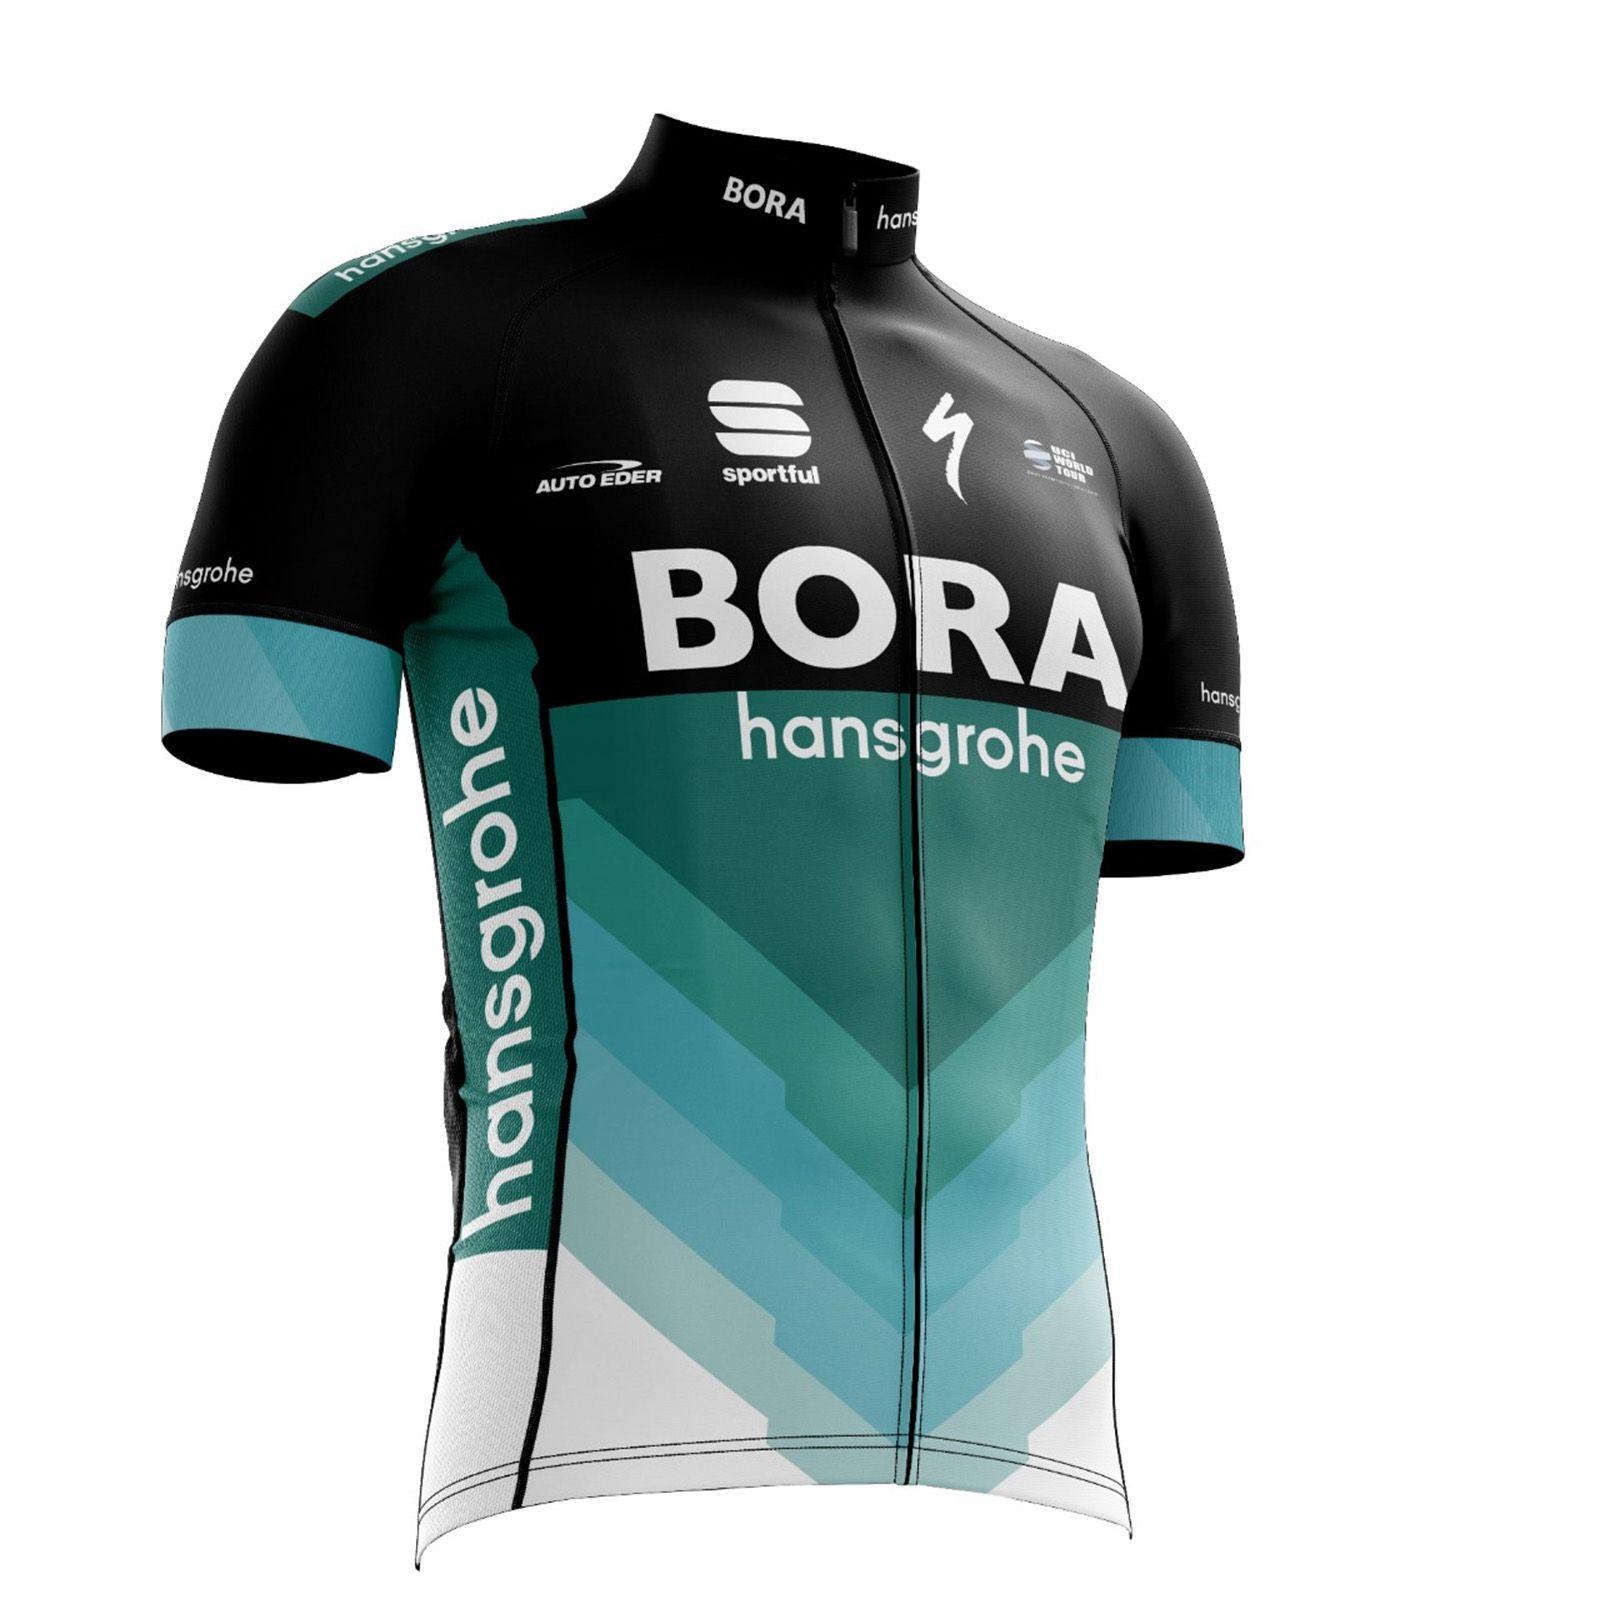 Camiseta Ciclismo Bora 2018 World Tour com proteção UV50 - Refactor